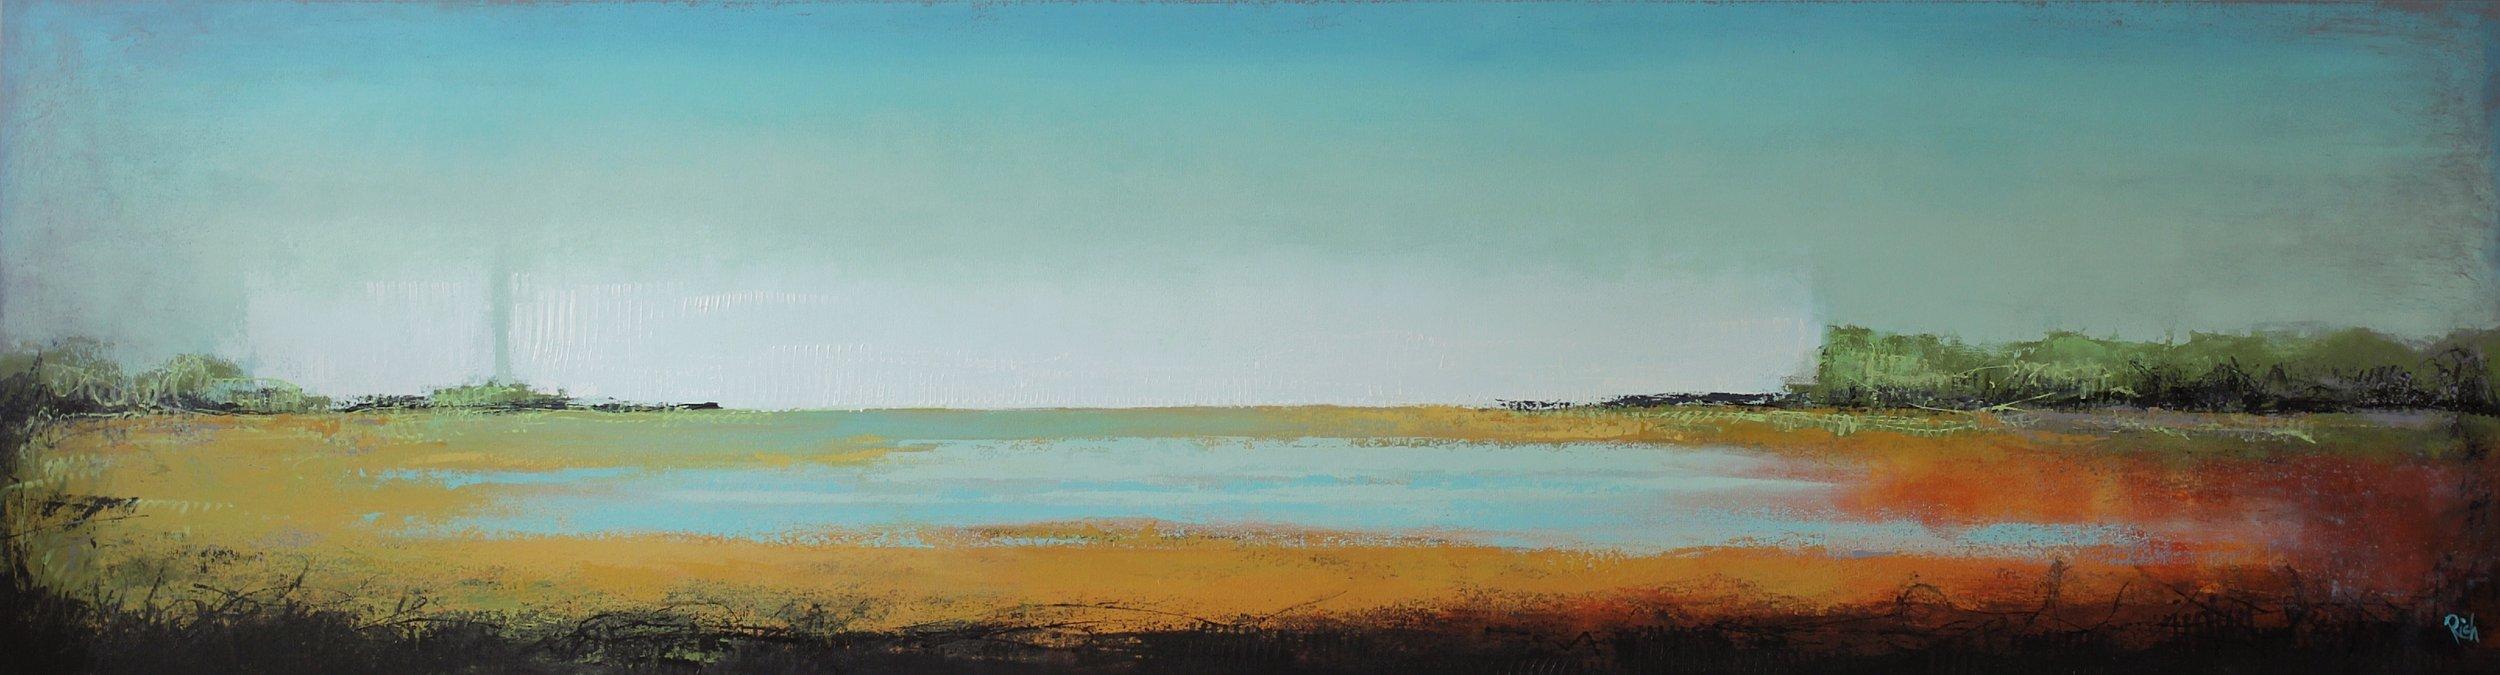 Acrylic on canvas 96x24